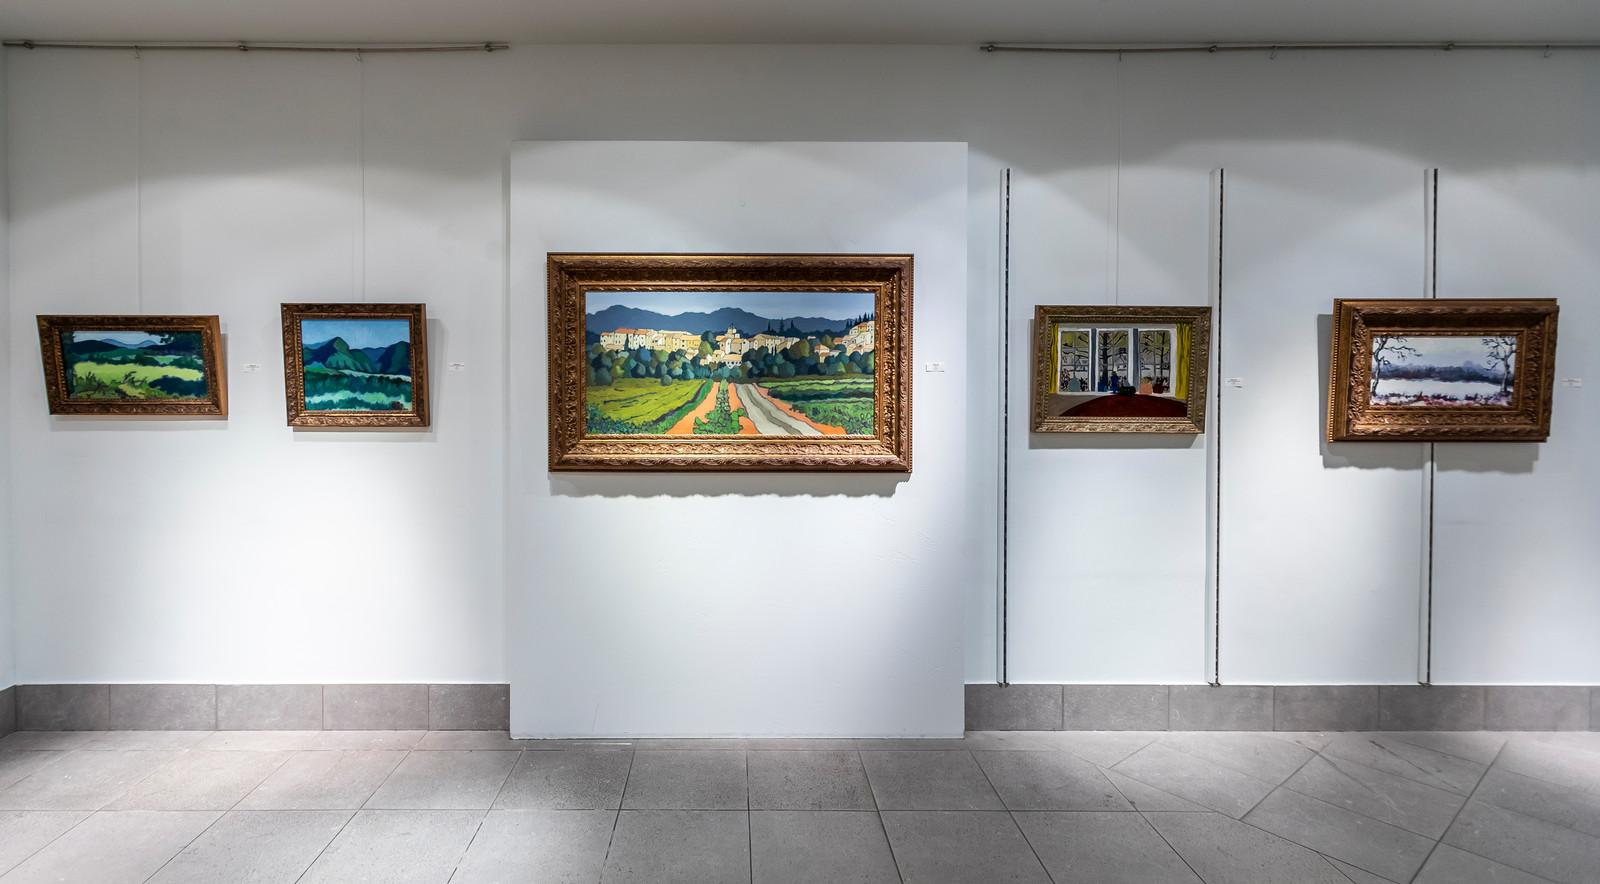 De tentoonstelling bij VDL Art van de Eindhovense kunstschilders Kees en Willem Bol loopt door tot 1 september.